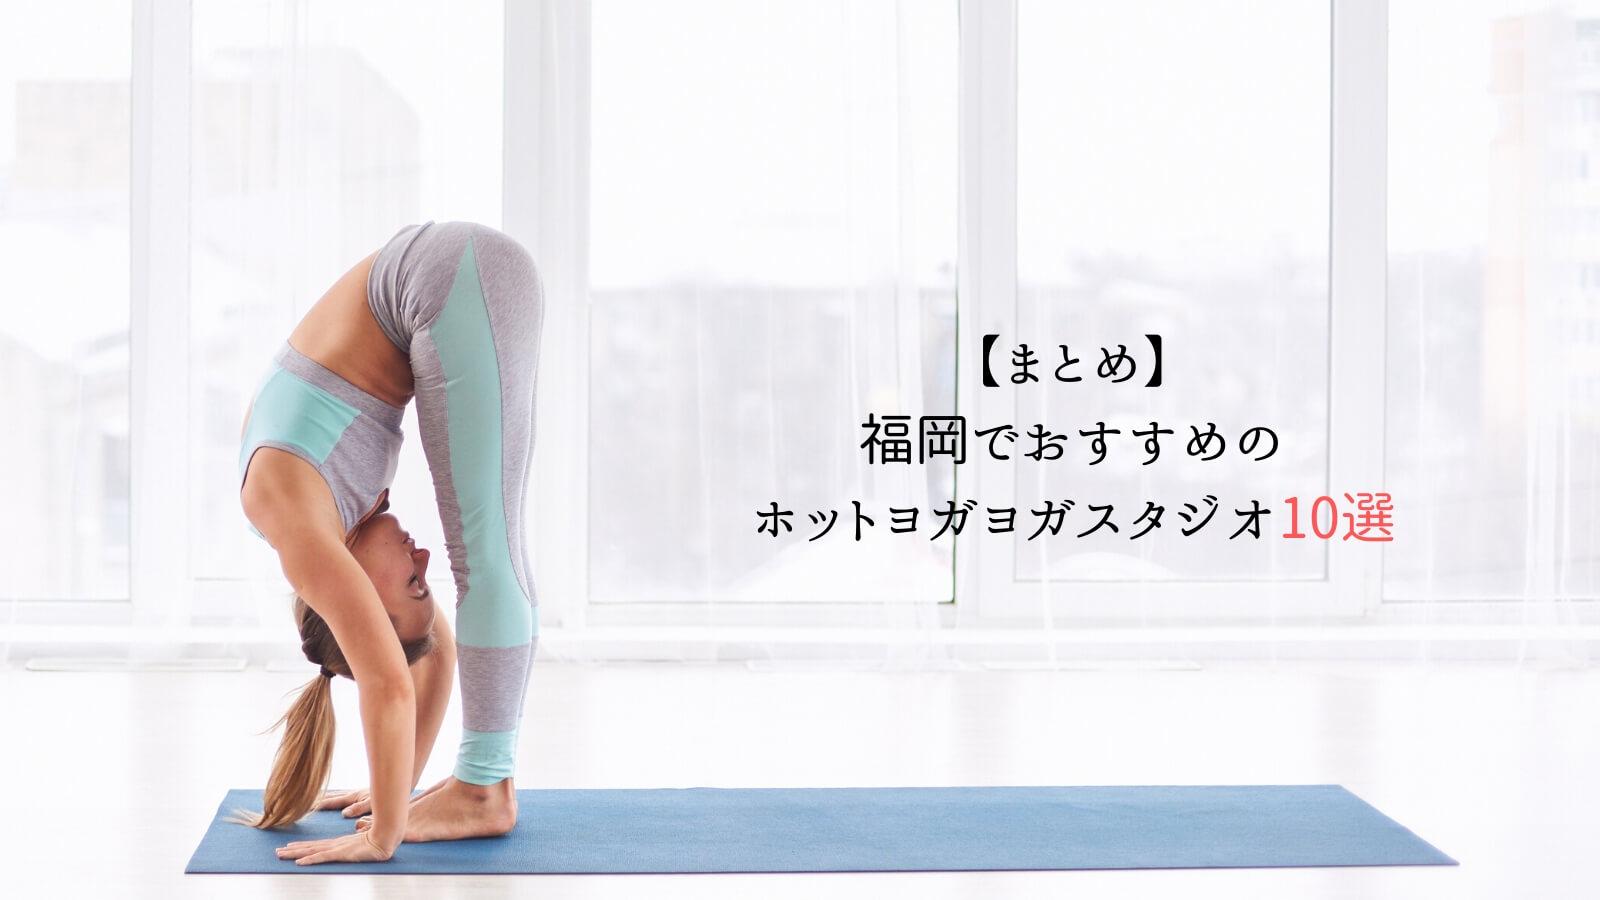 【まとめ】福岡でおすすめのホットヨガスタジオ10選